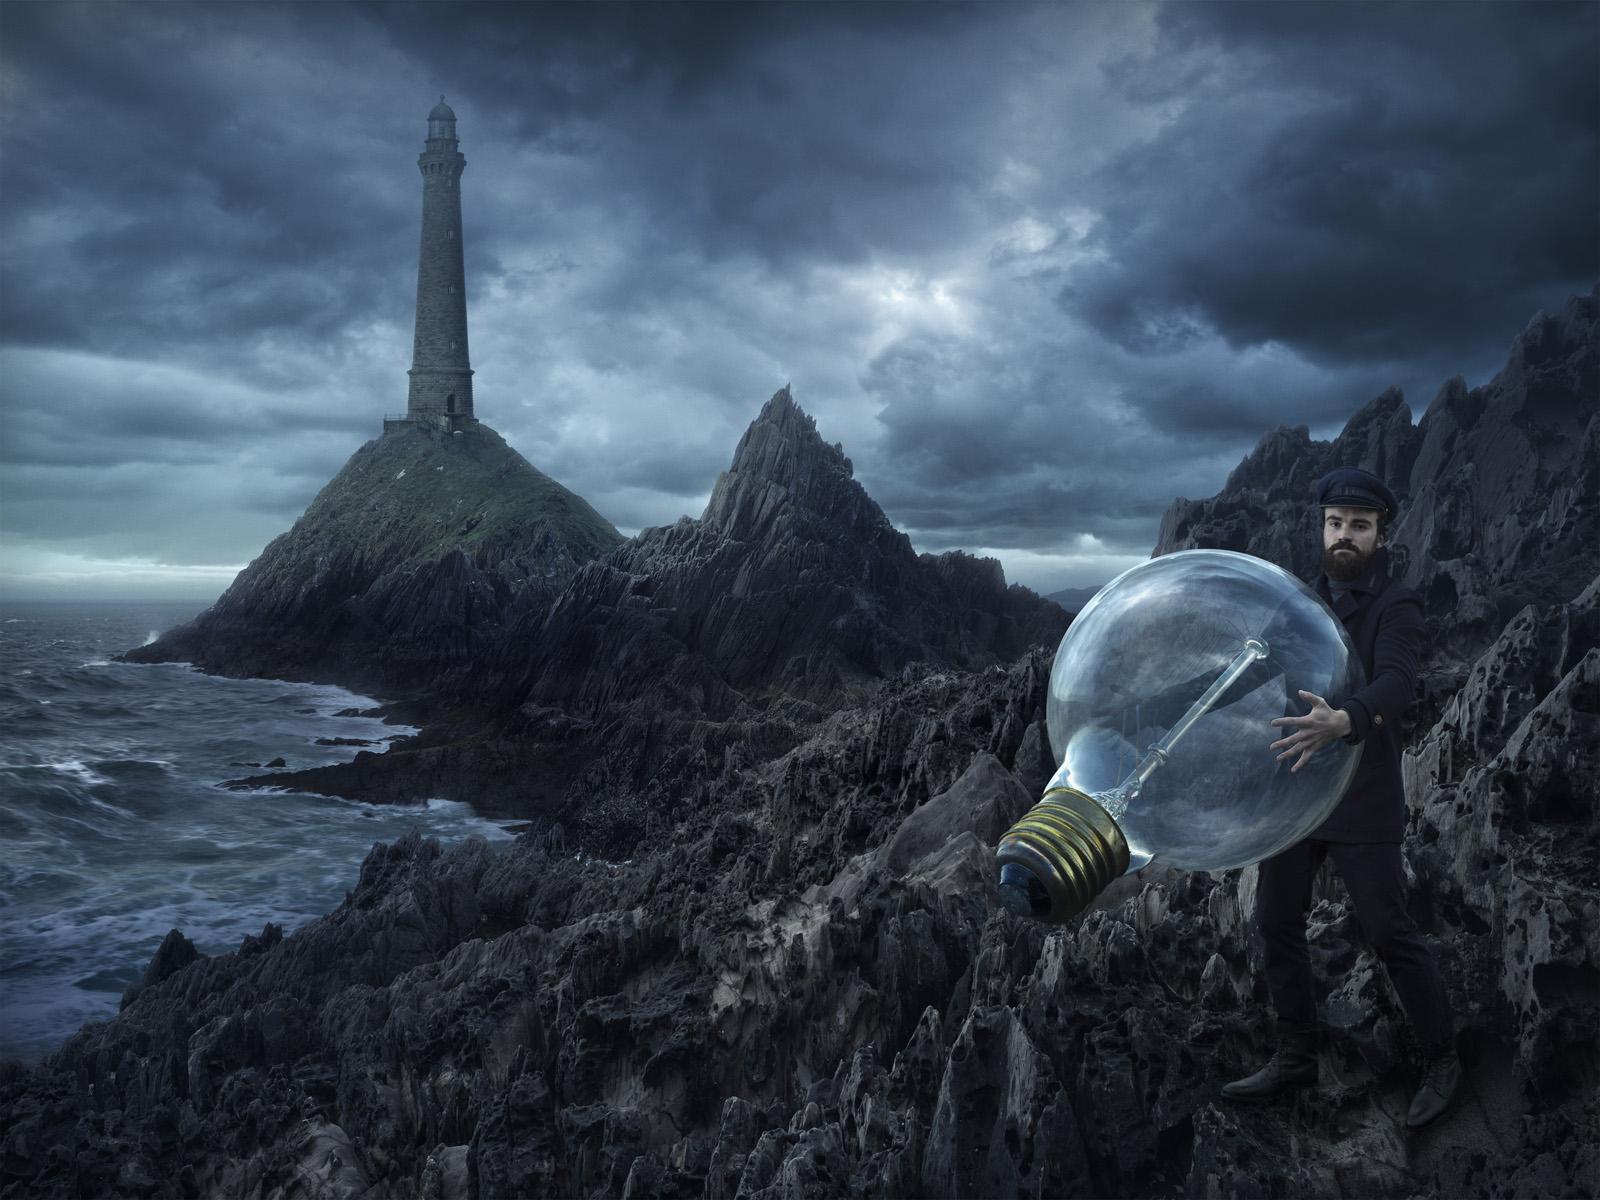 摄影师Erik Johansson的魔法世界